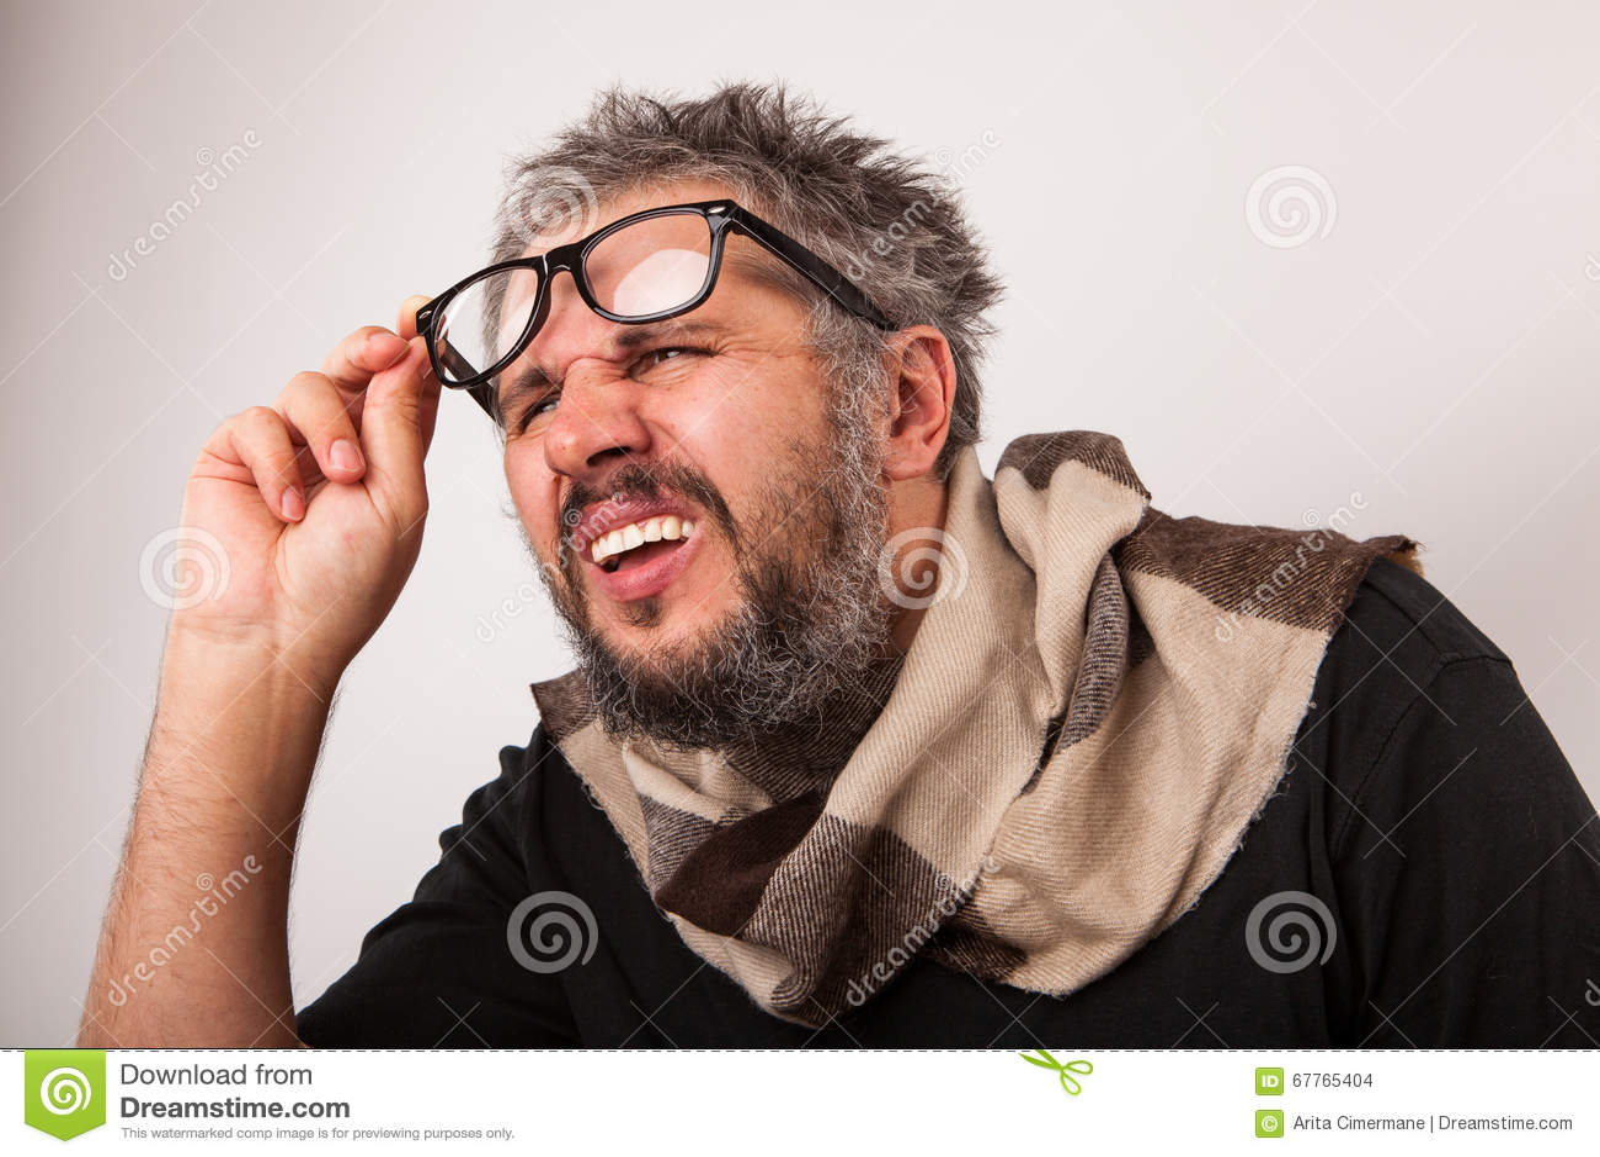 Crazy Person Glasses